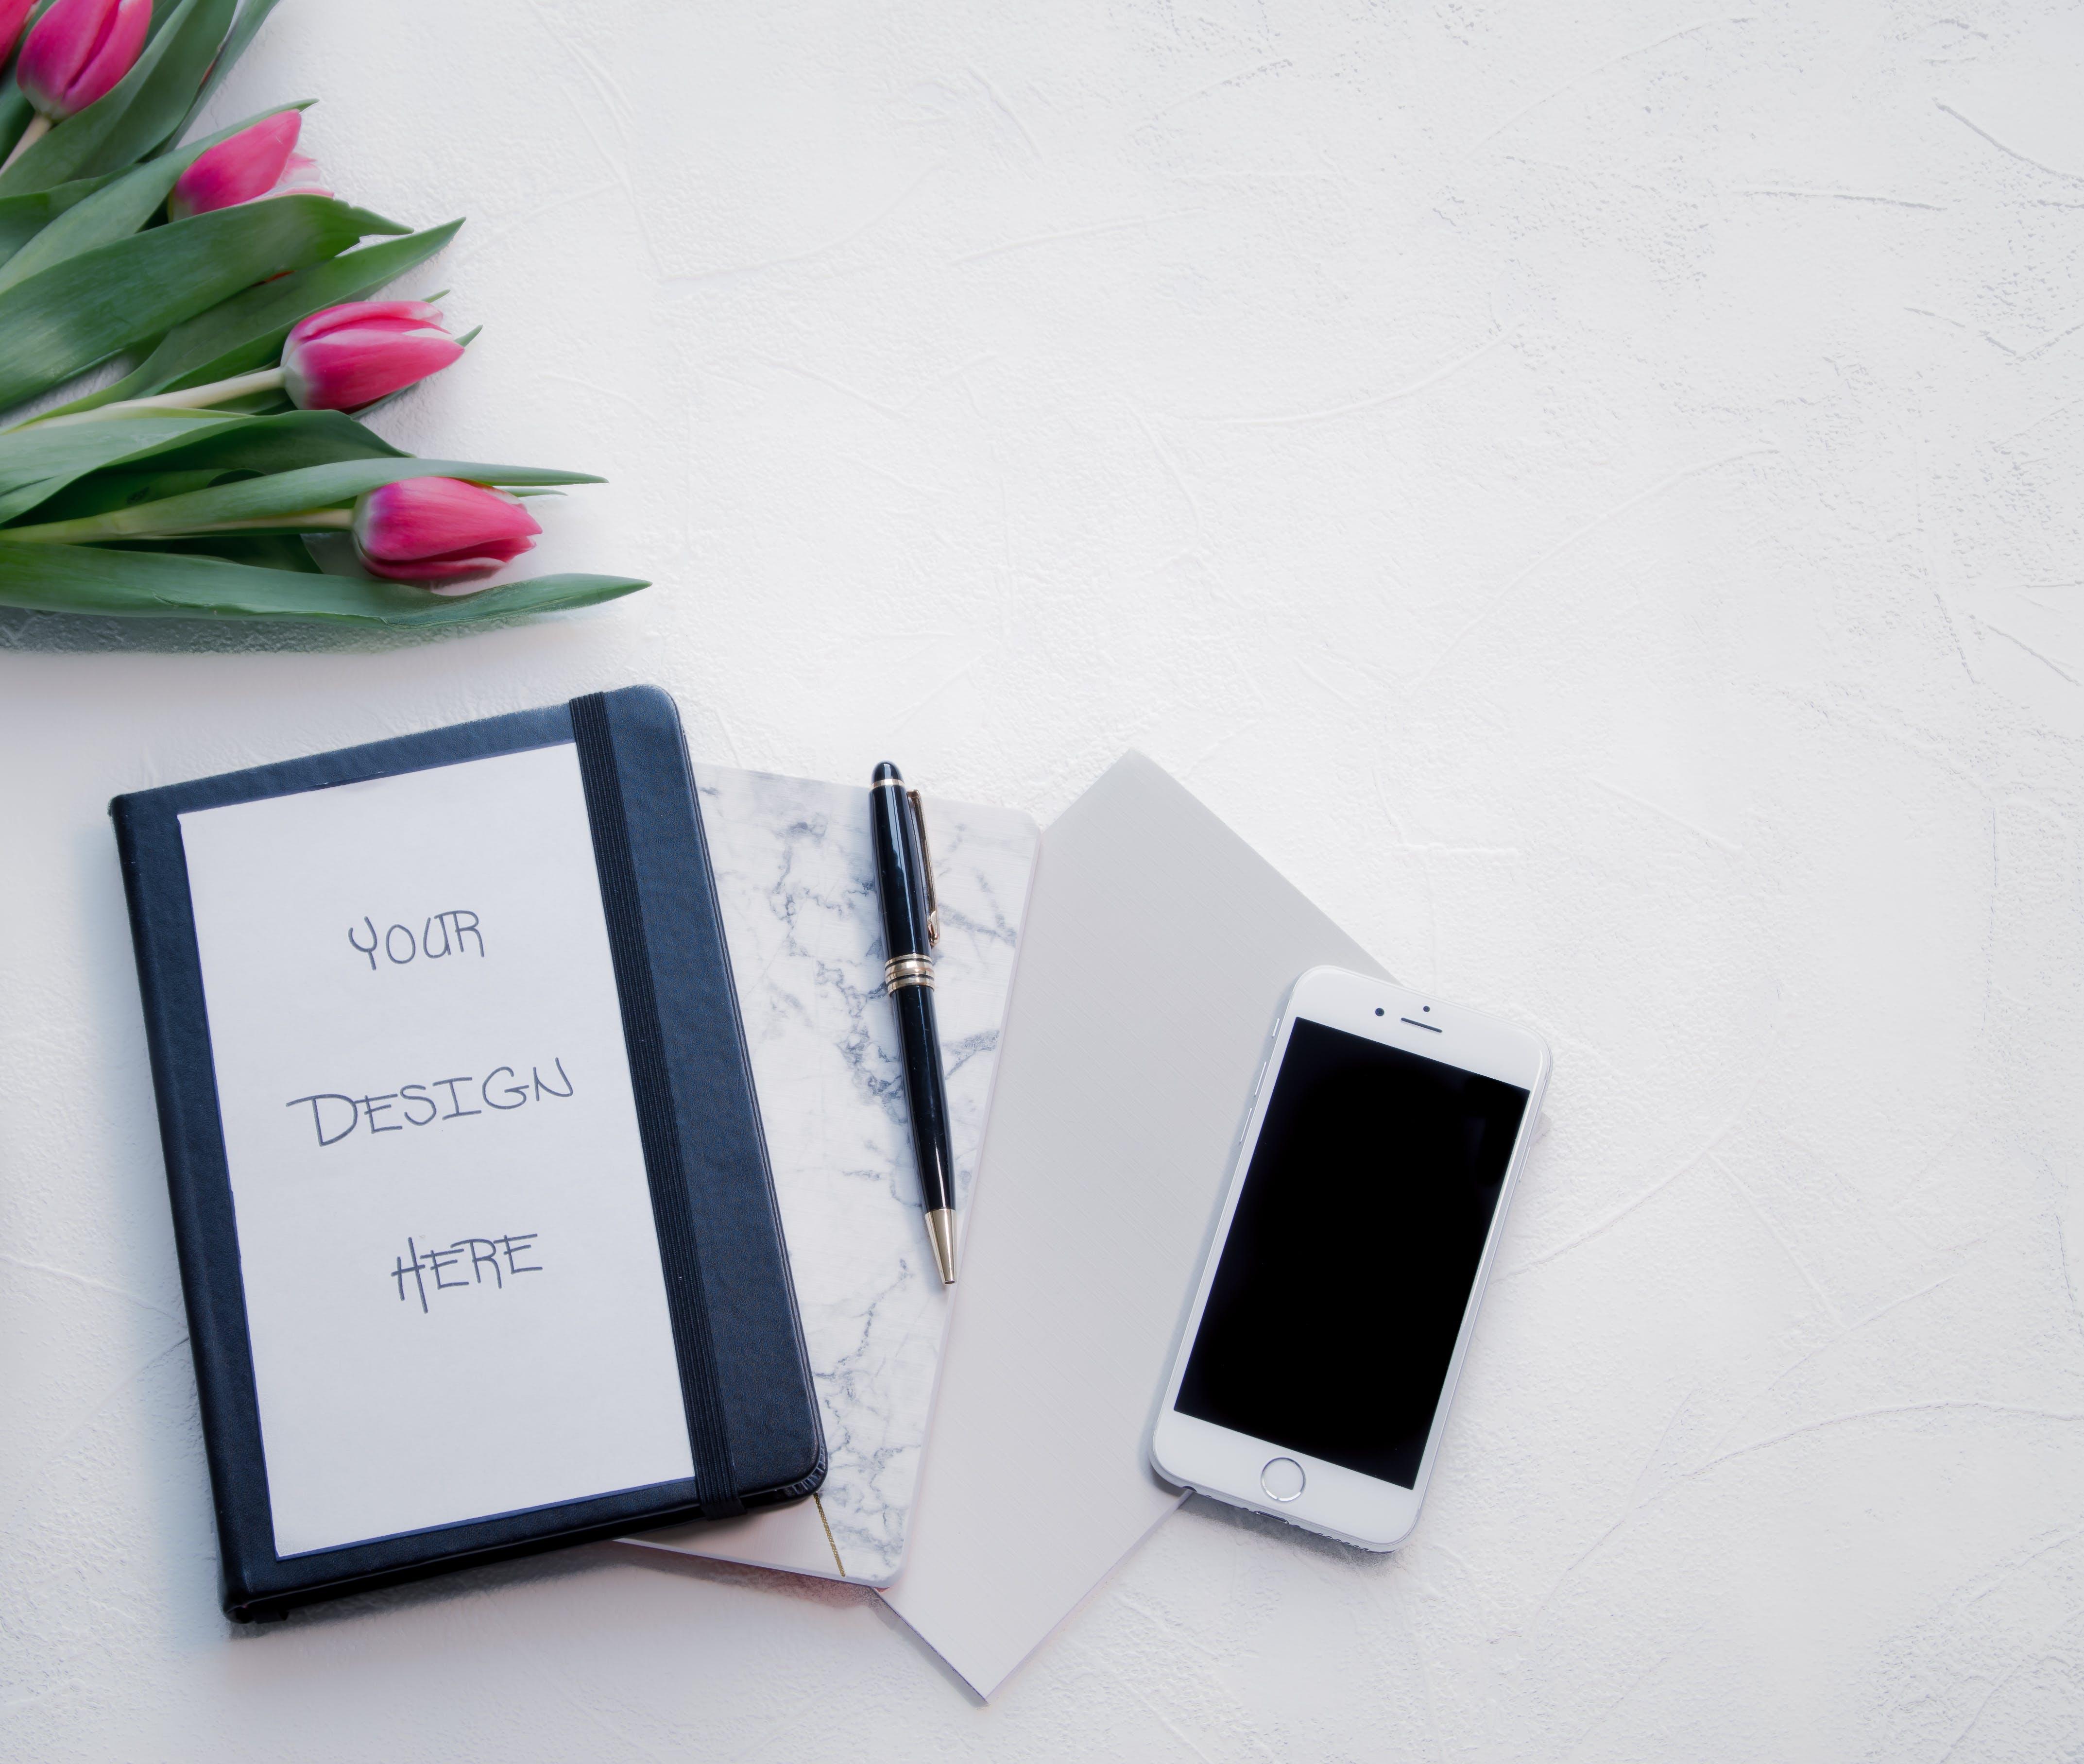 Silver Iphone 6 Beside Black Twist Pen